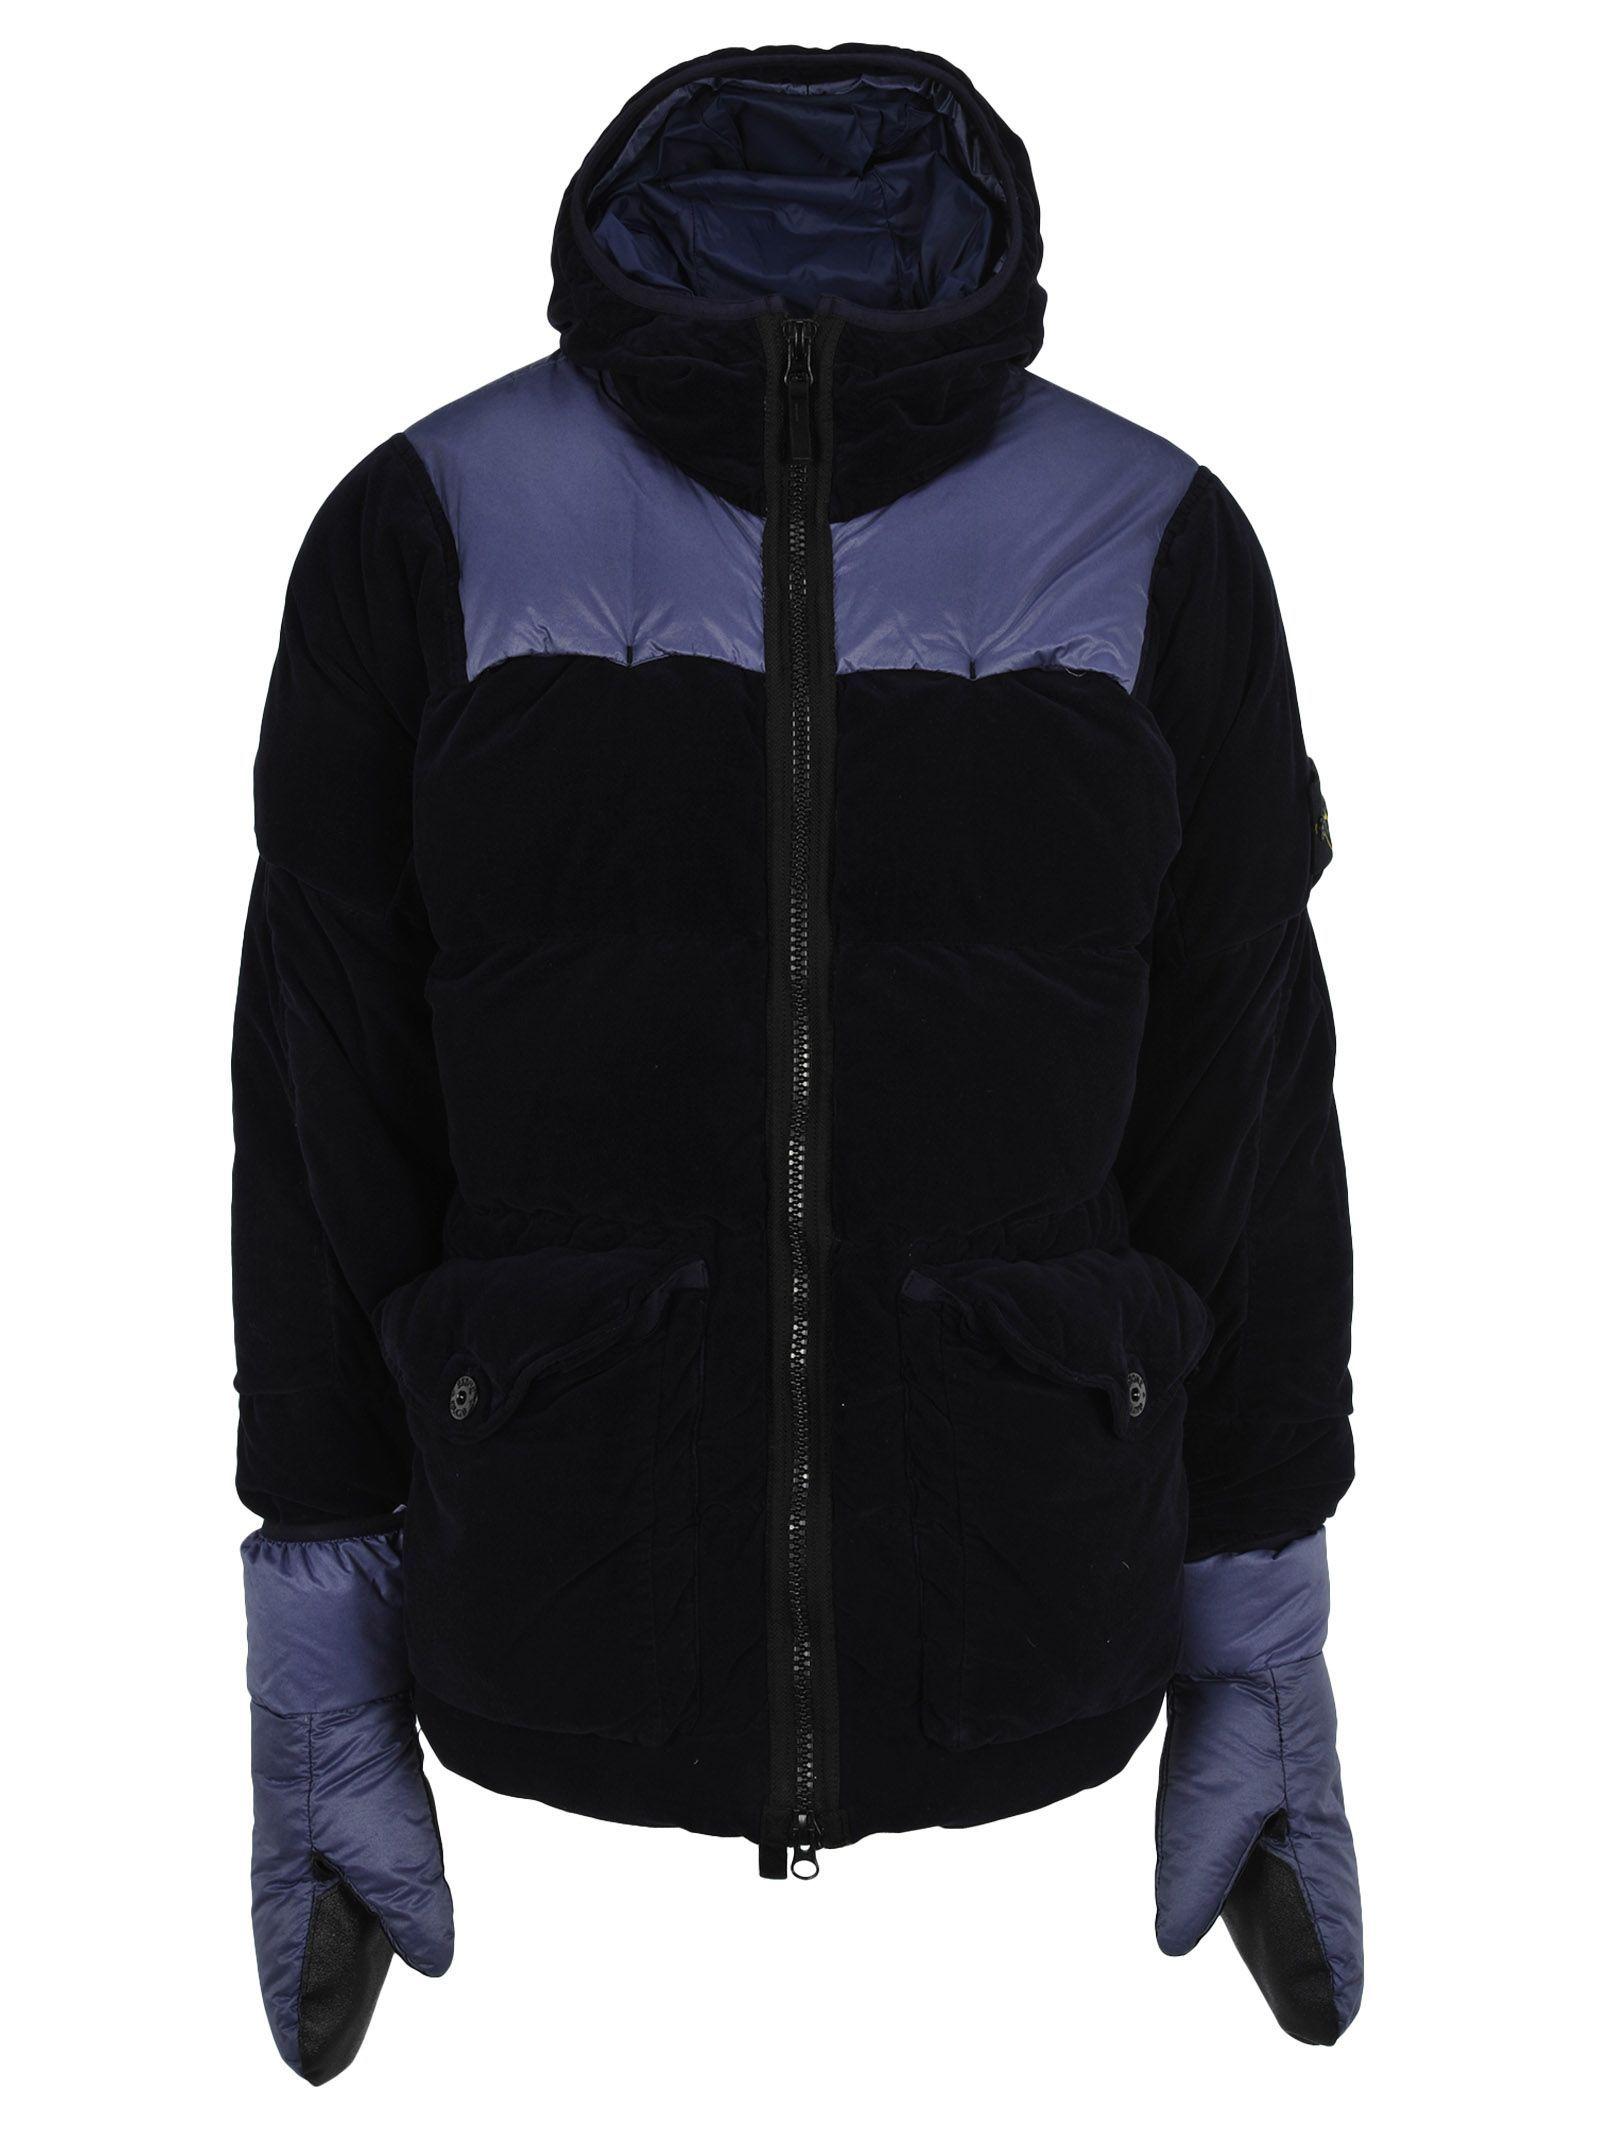 low priced e71e7 d4d8e STONE ISLAND VELVET PIUMINO. #stoneisland #cloth | Stone ...